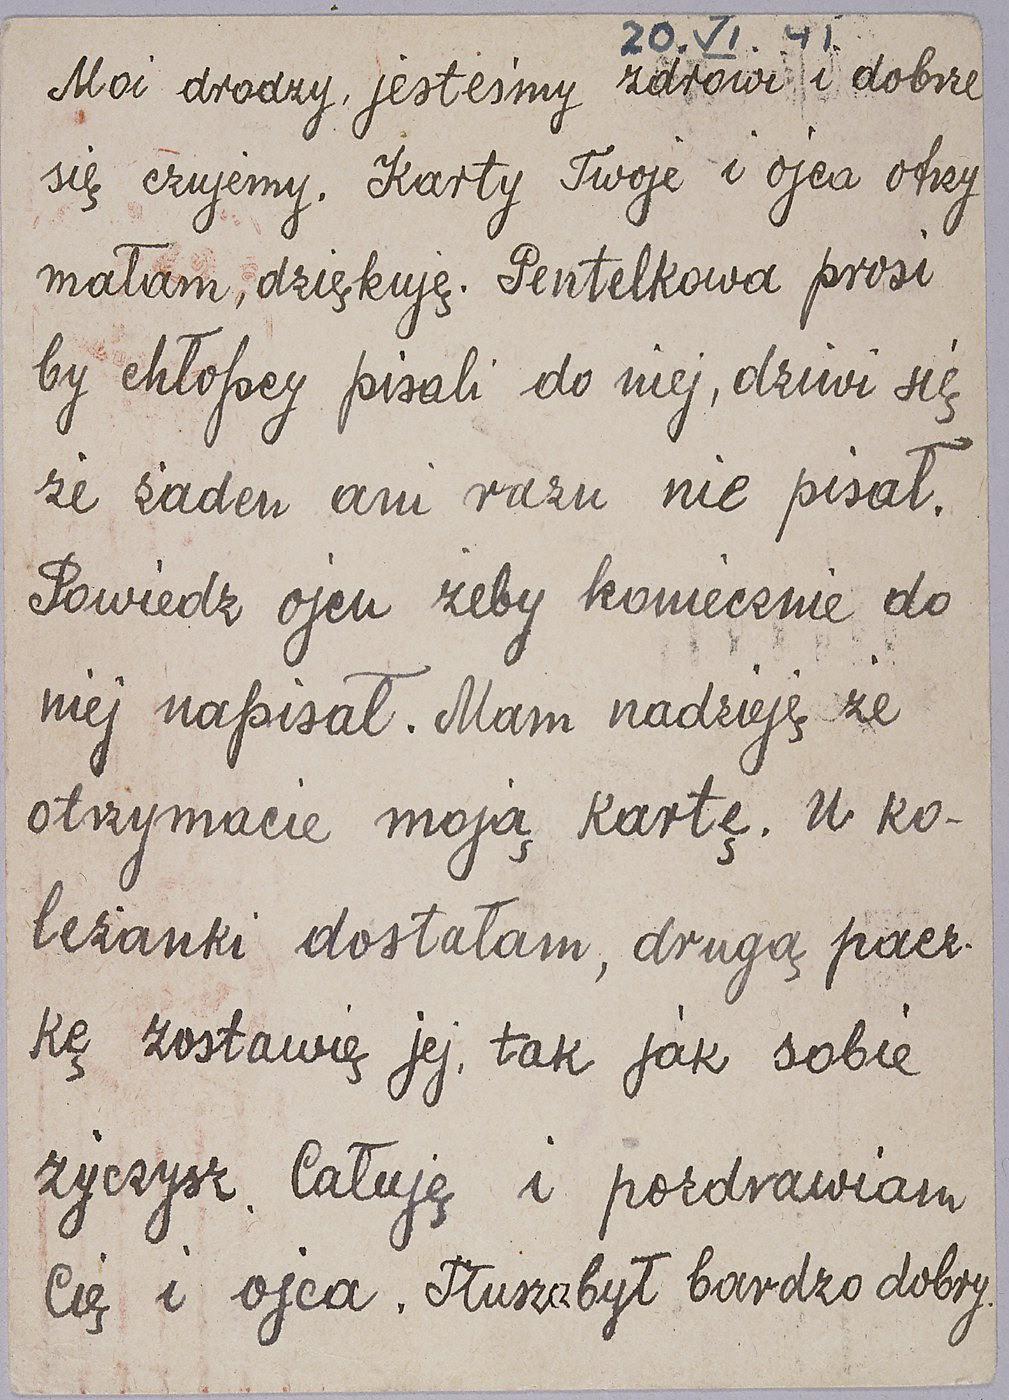 Postcard sent to Ruth Segal (back) [LCID: 2000u3j5]